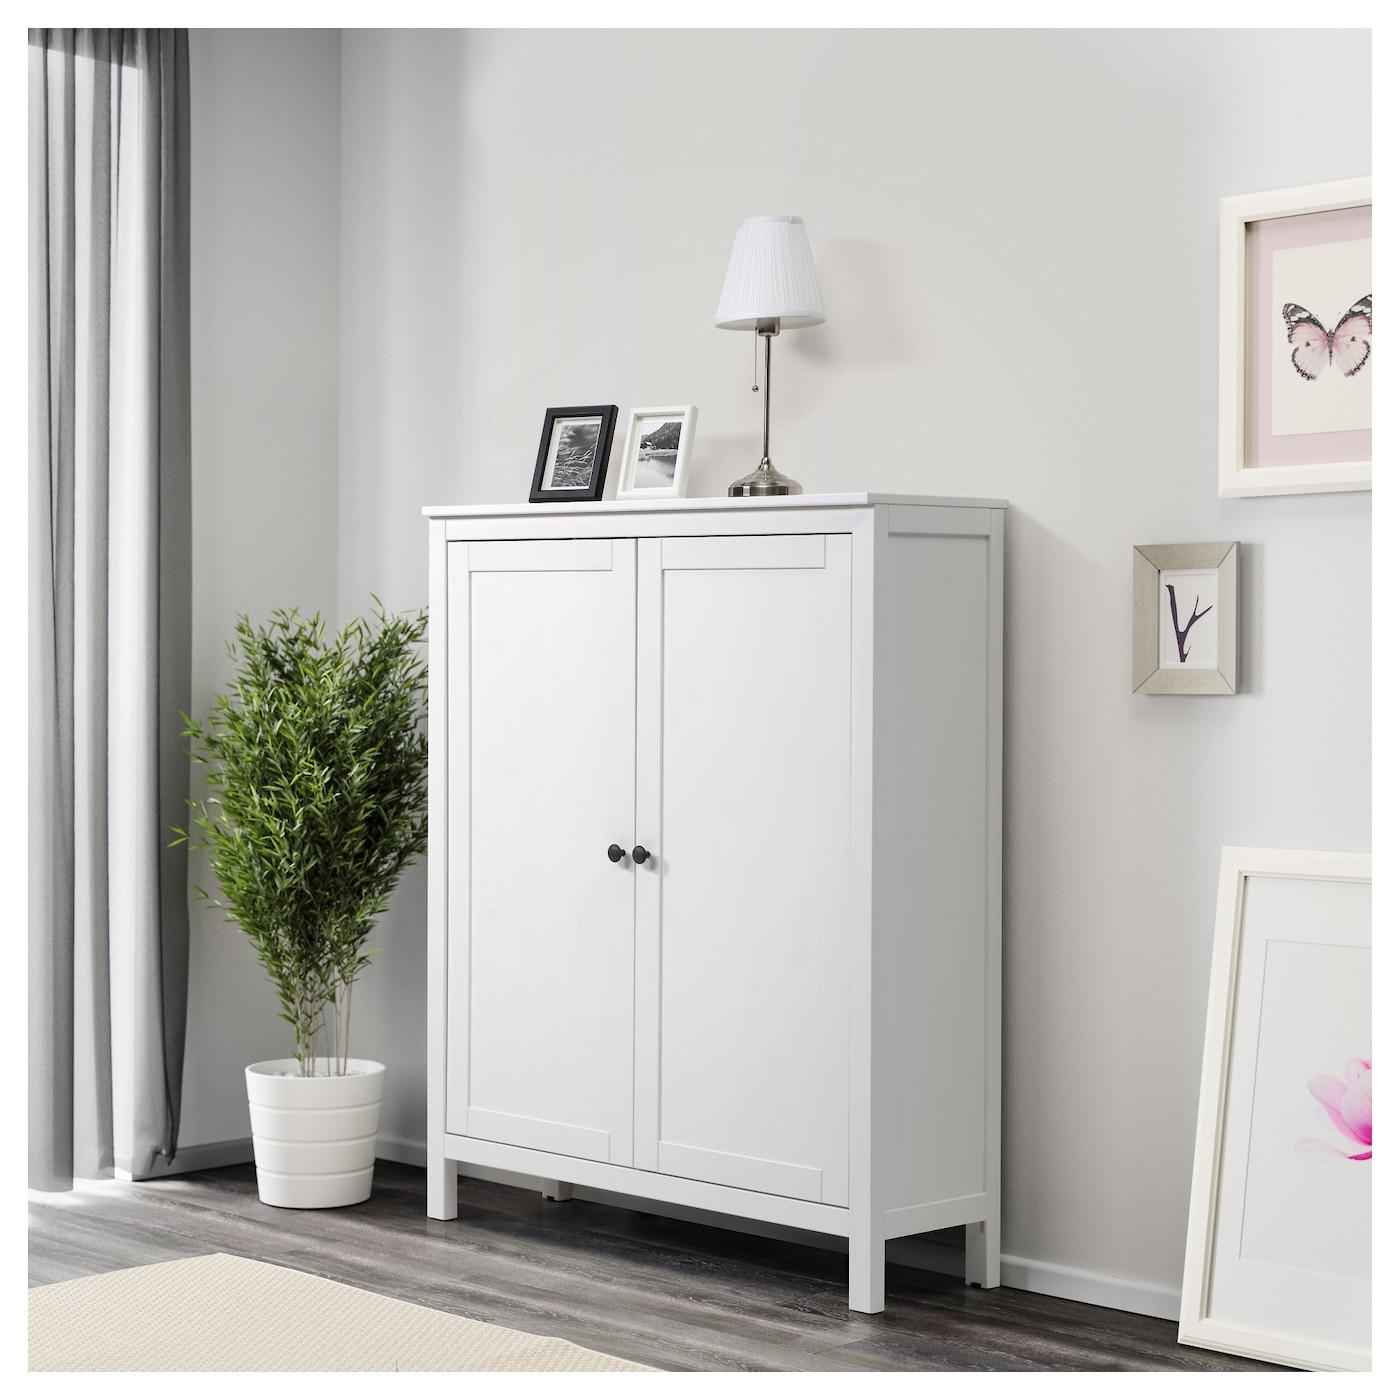 HEMNES Kast met 2 deuren Witgebeitst 99 x 130 cm IKEA